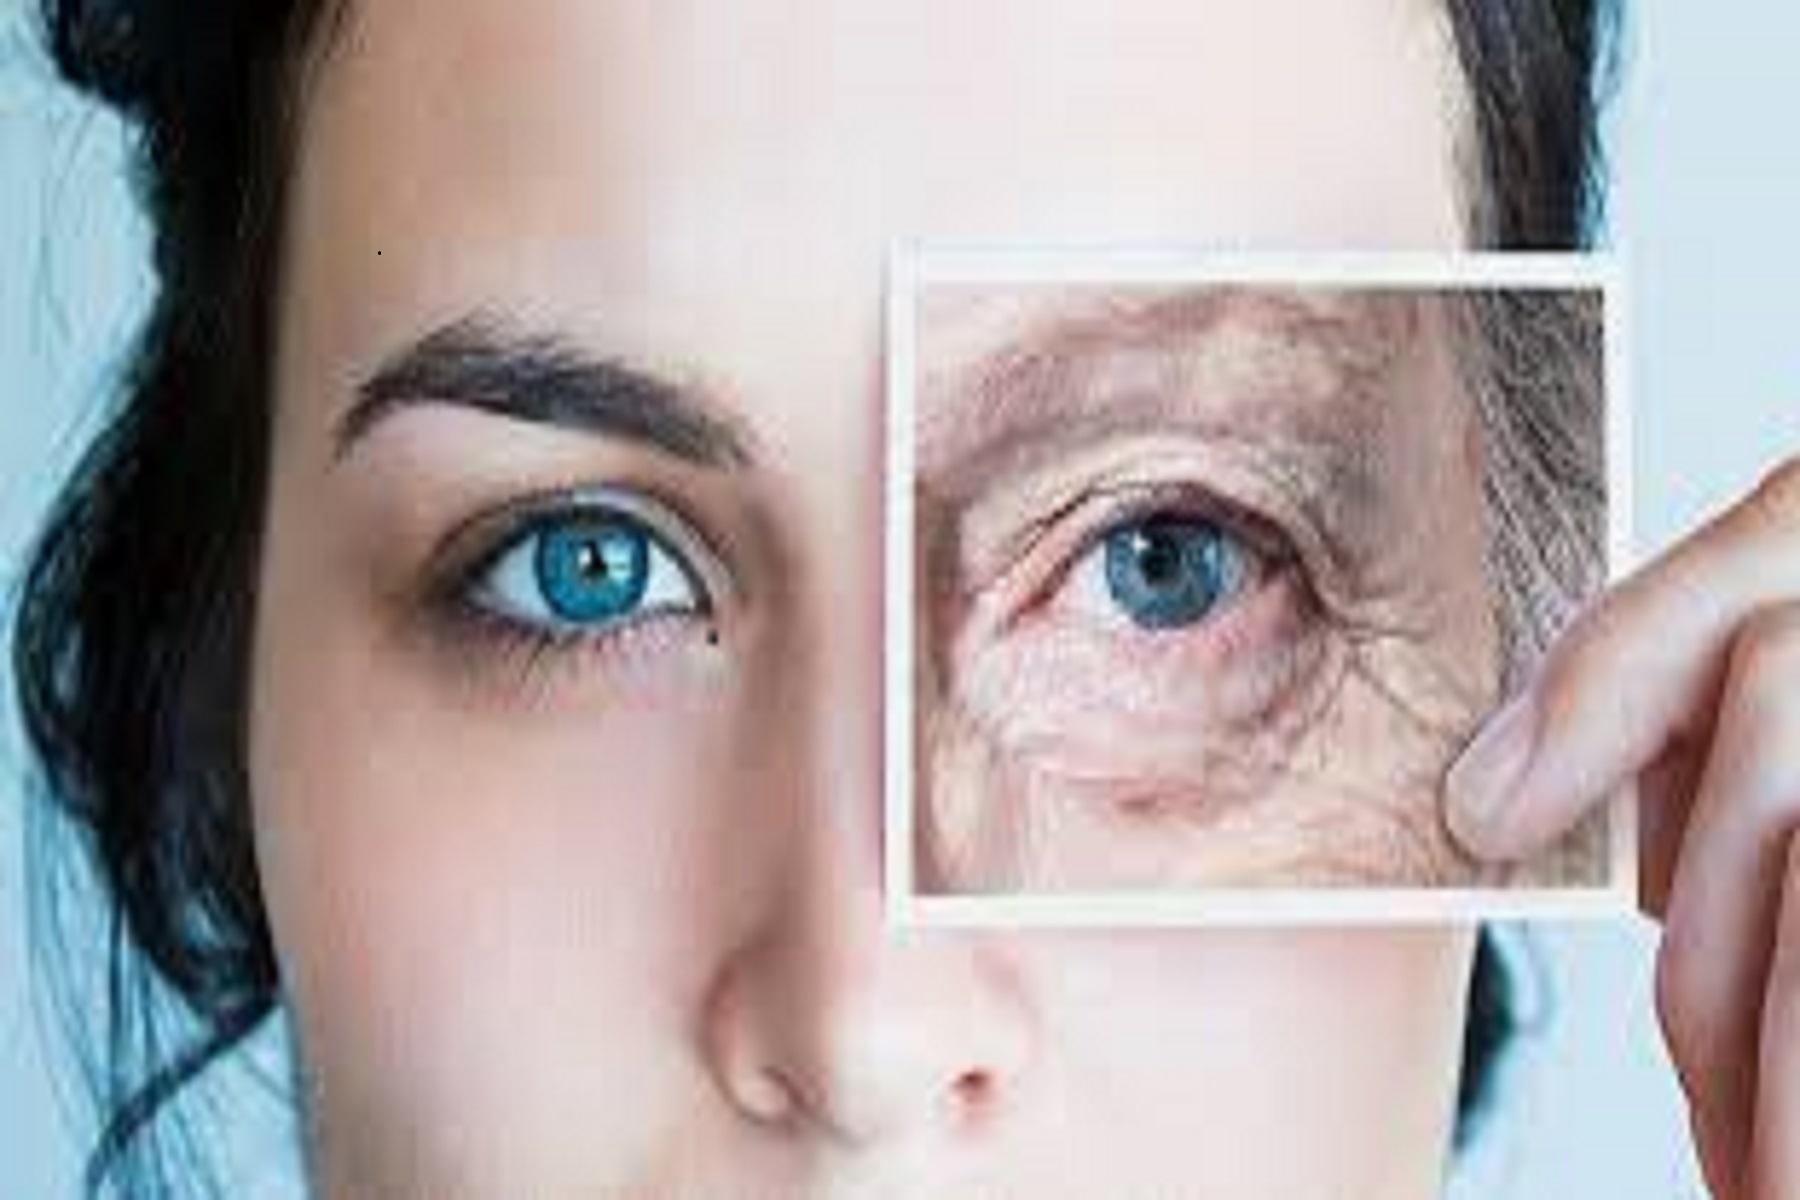 Τροφές Γήρανση: Επιπτώσεις διατροφής στην όψη και στην ποιότητα της επιδερμίδας σας